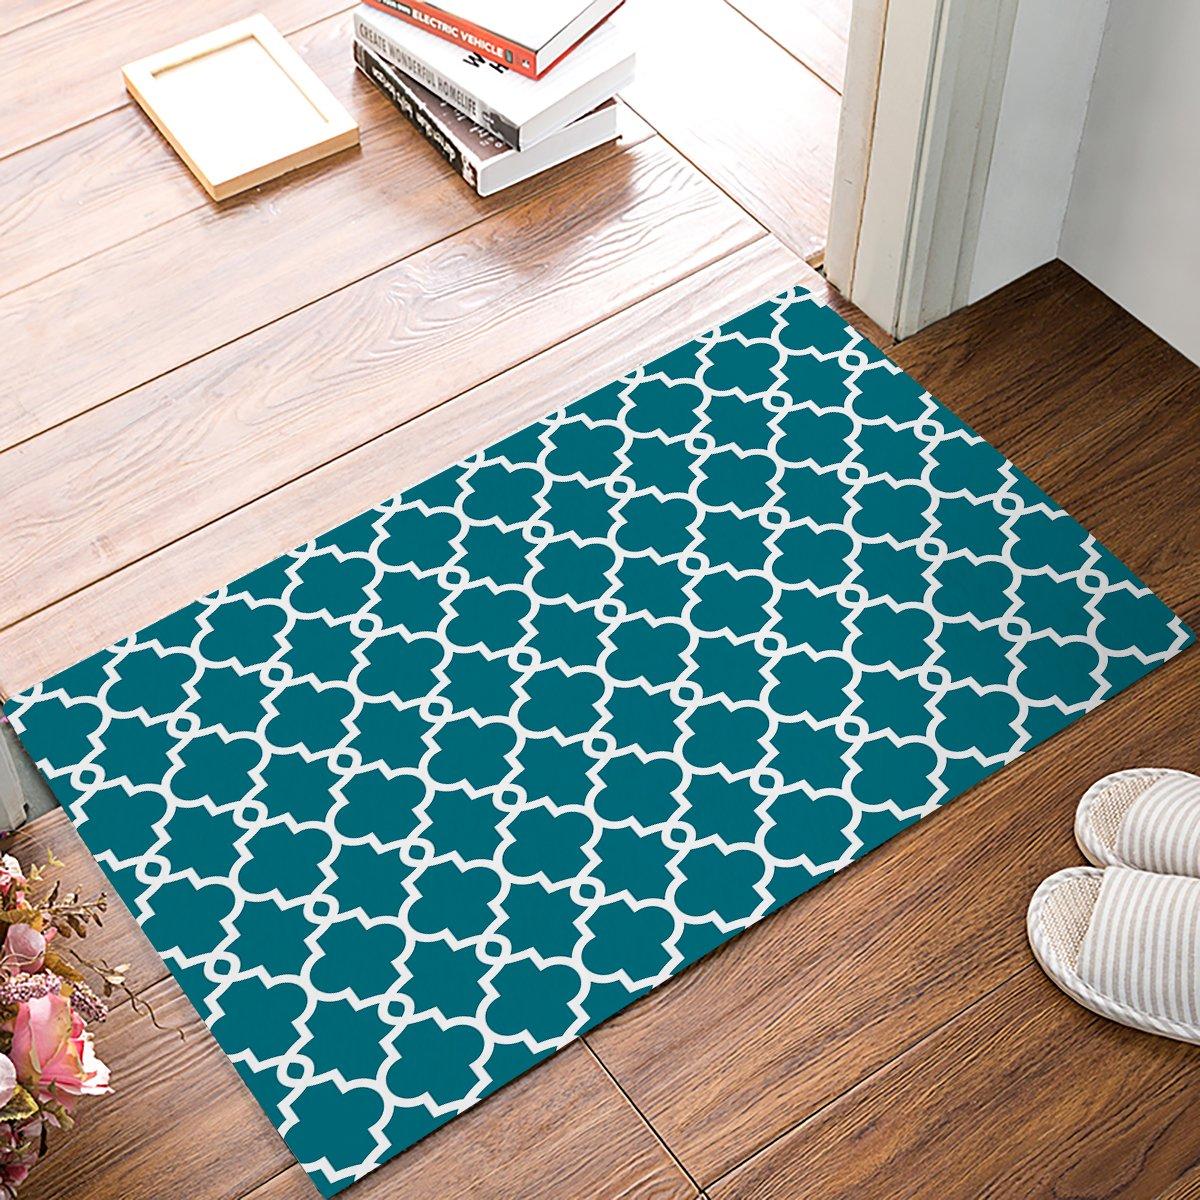 Amazon.com : Z&L Home Moroccan Modern Geometric Indoor Doormat ...